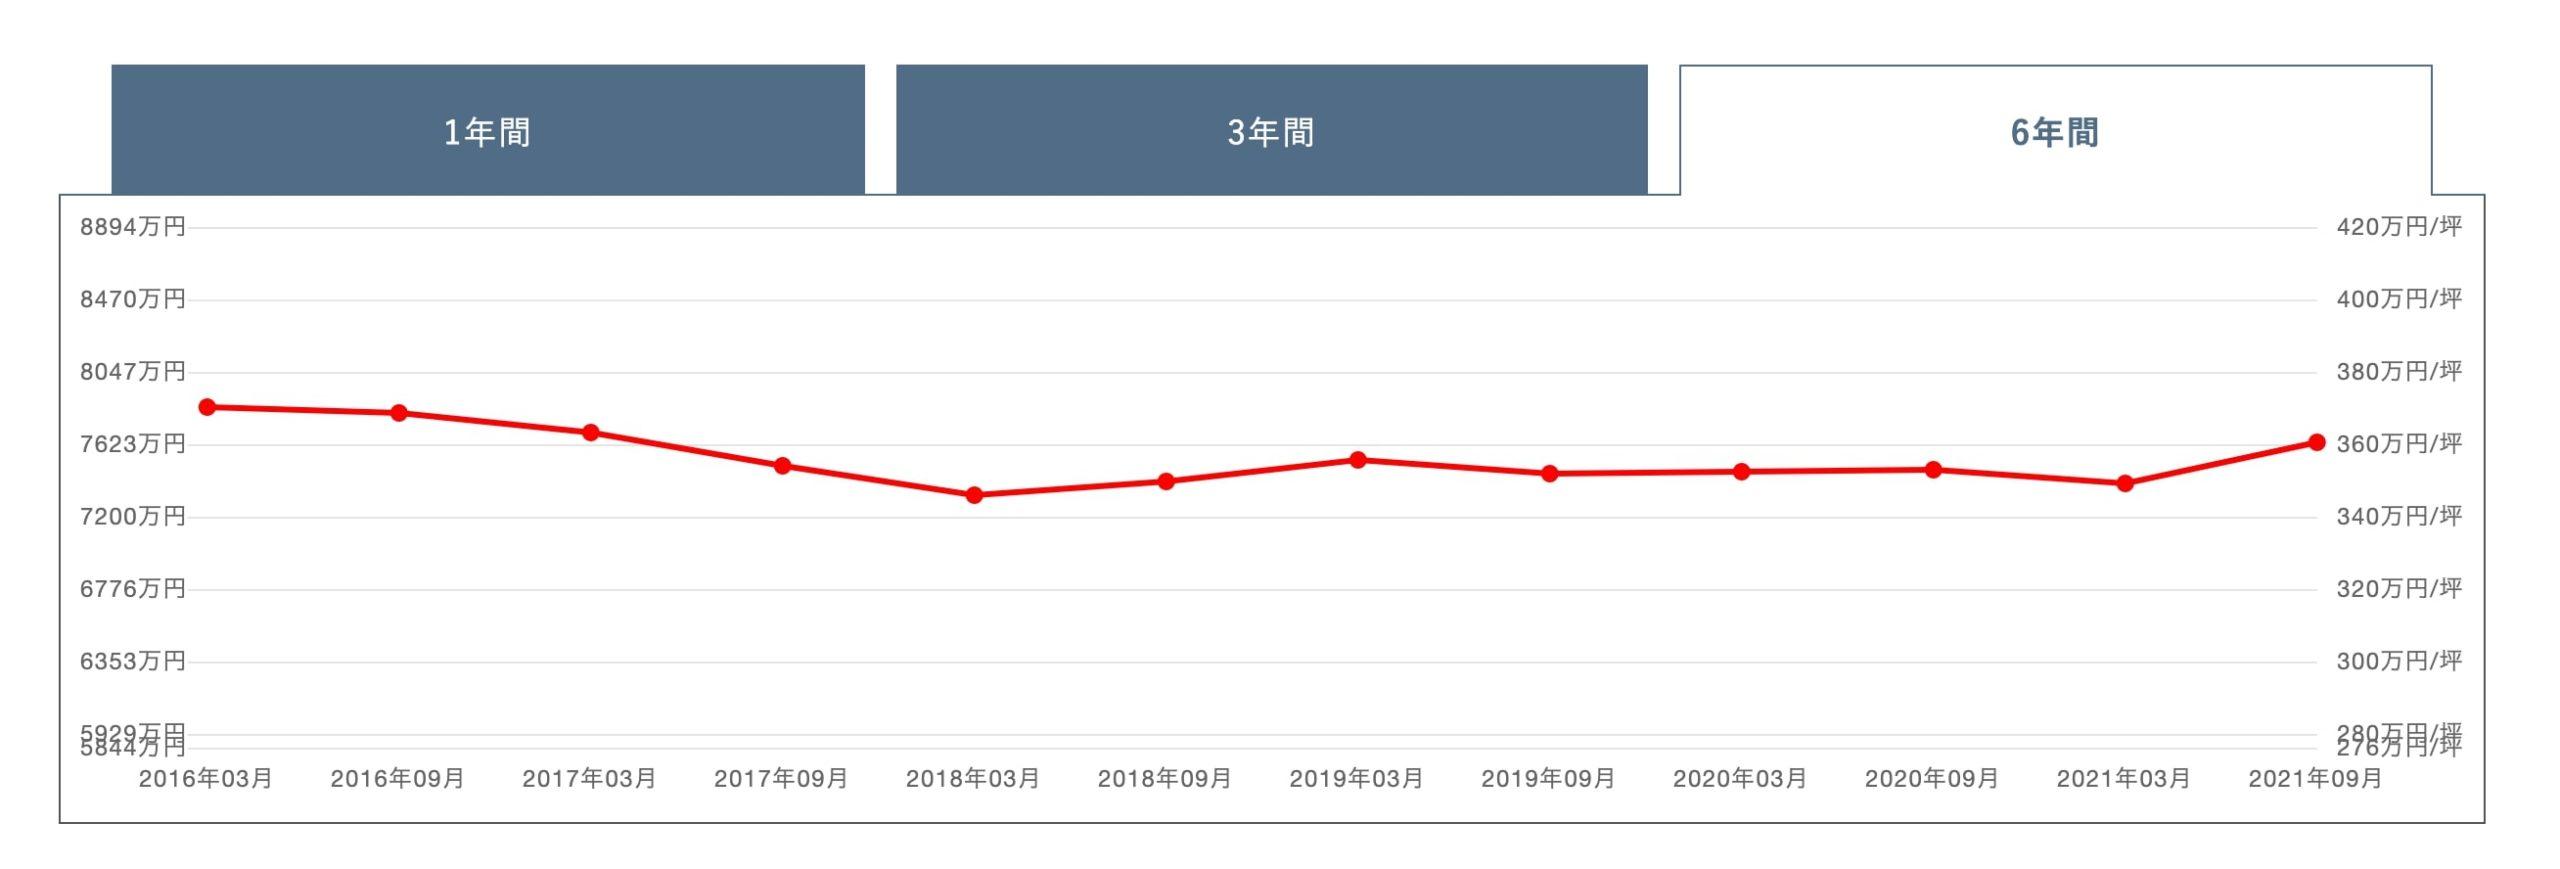 パークシティ武蔵小杉ザグランドウイングタワーの価格変動グラフ